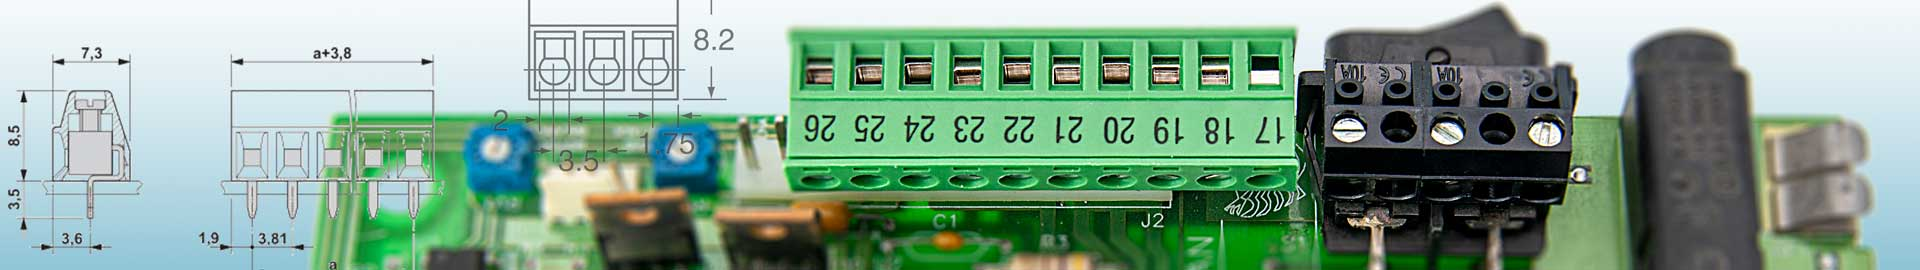 Verschiedene Klemmen für viele Anwendungen in technischen Geräten